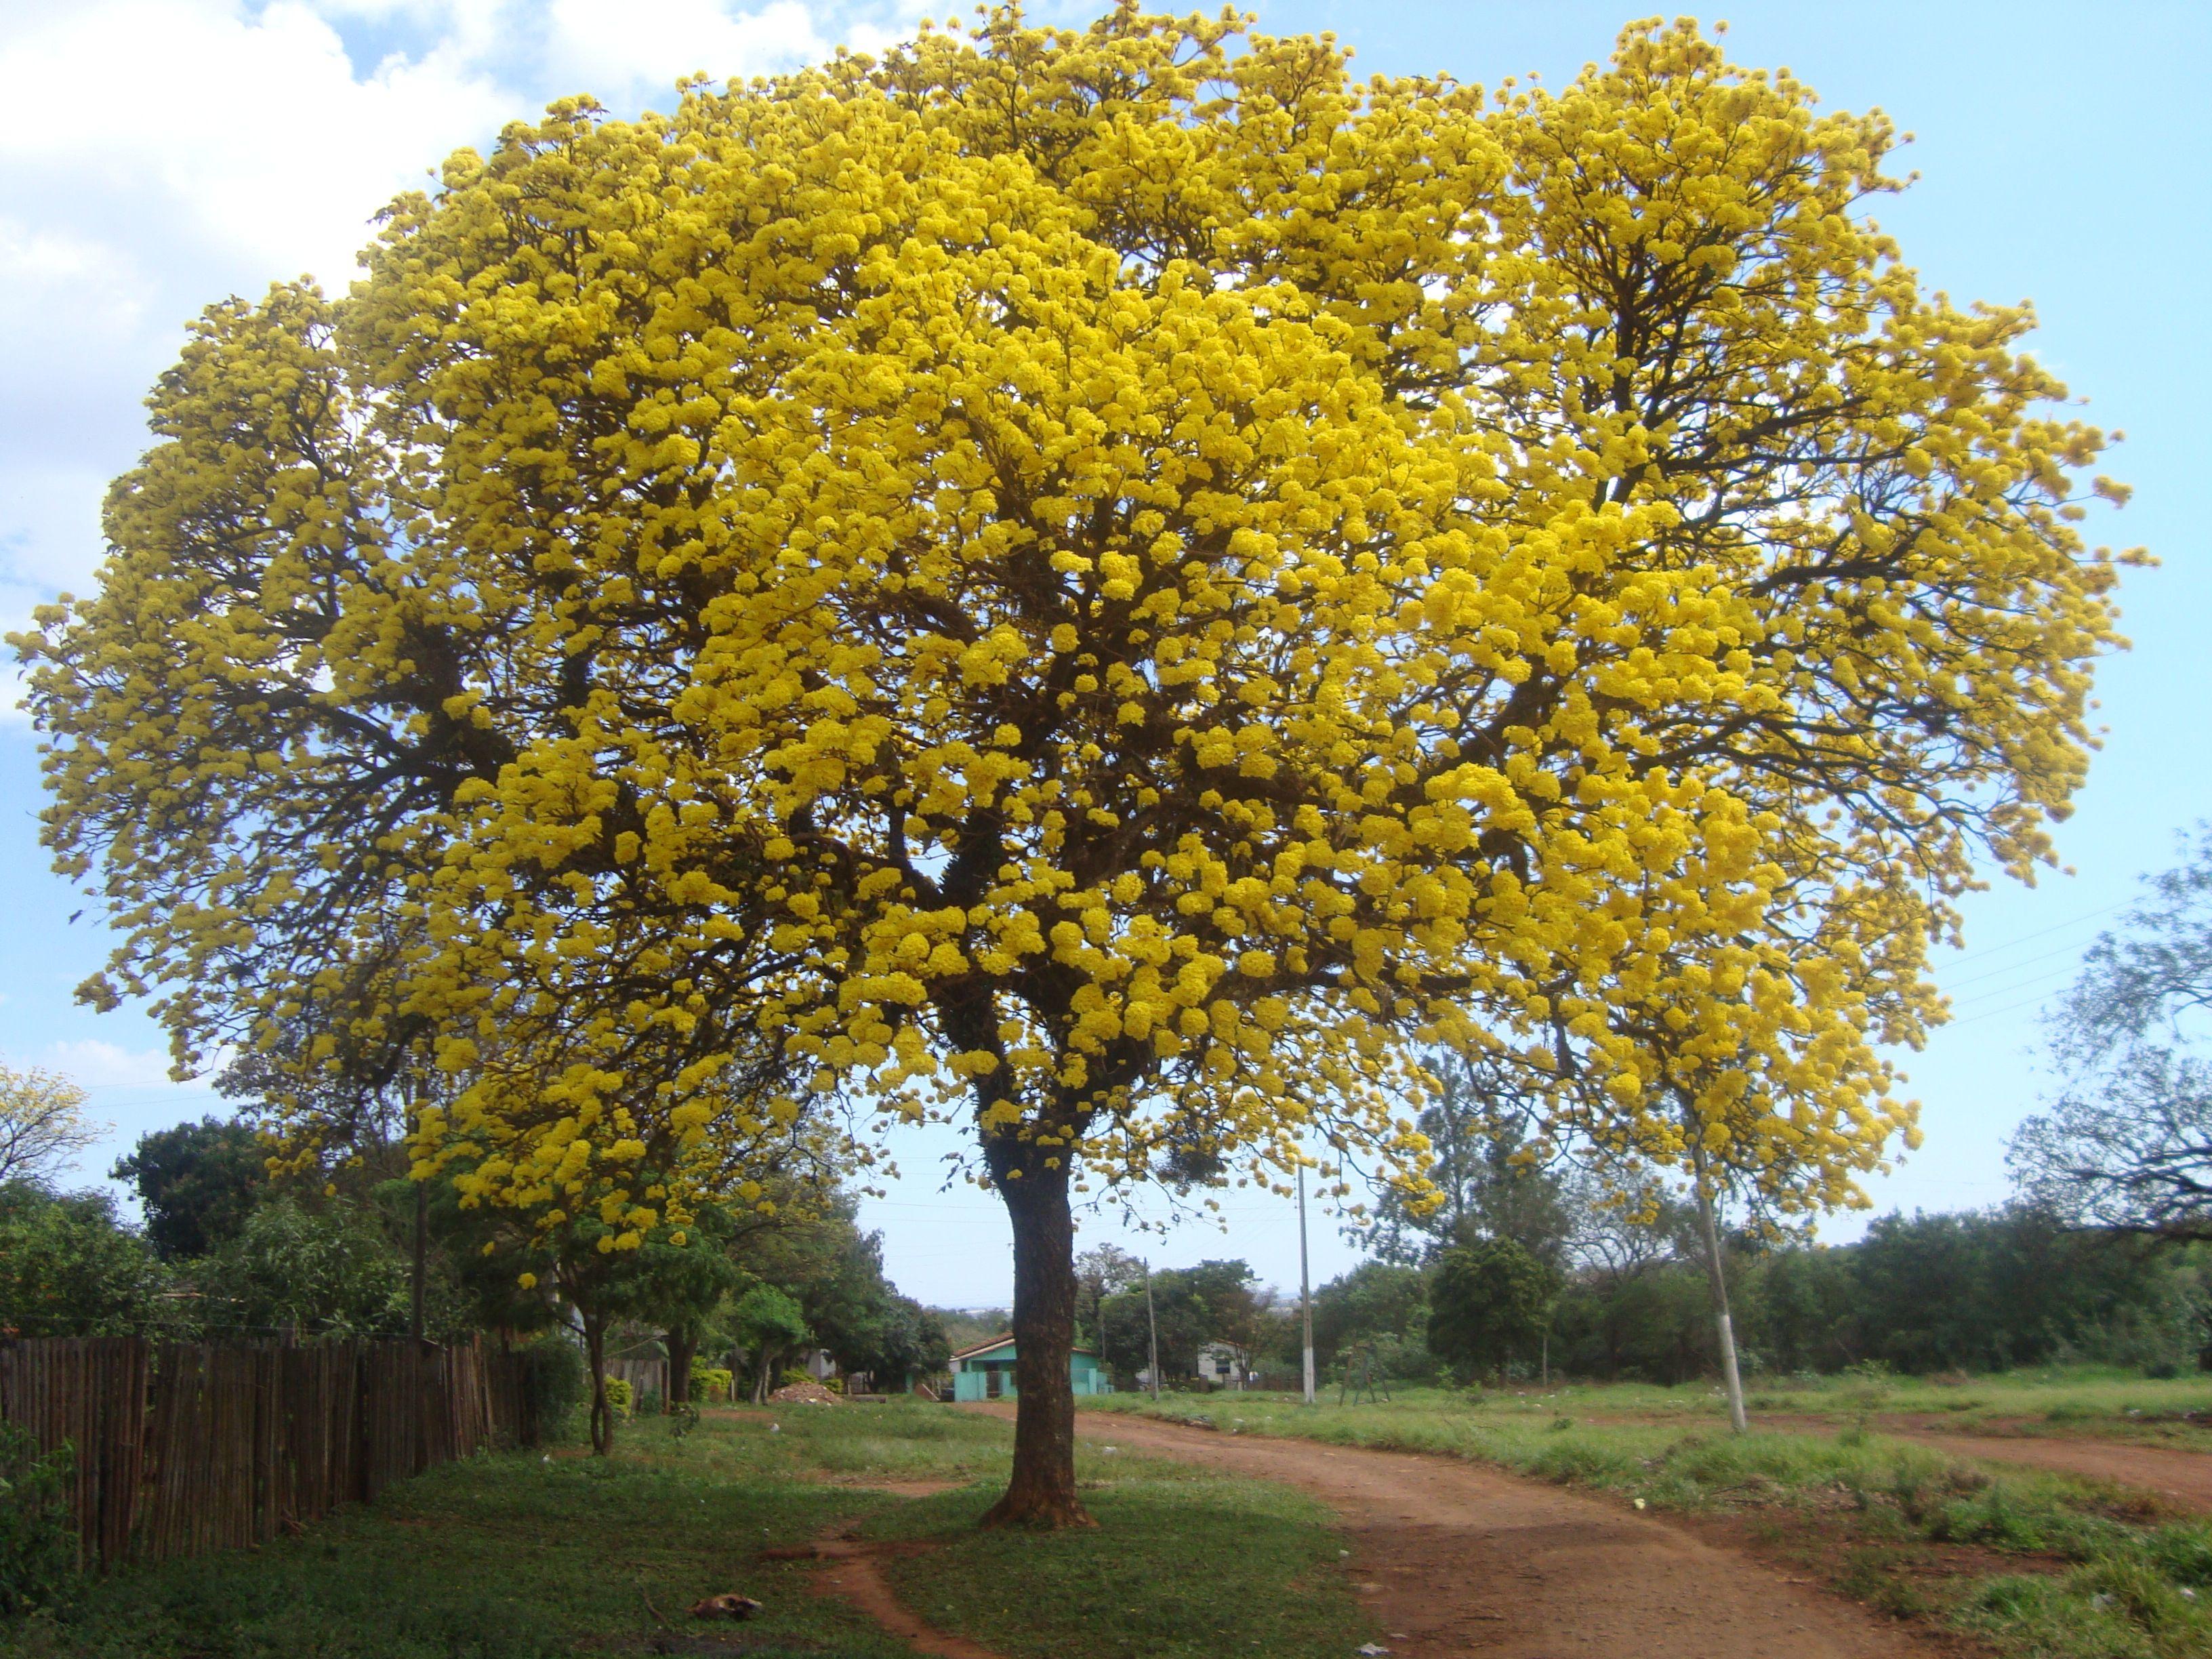 Lapacho amarillo buscar con google arboles y arbustos for Arboles perennes en argentina